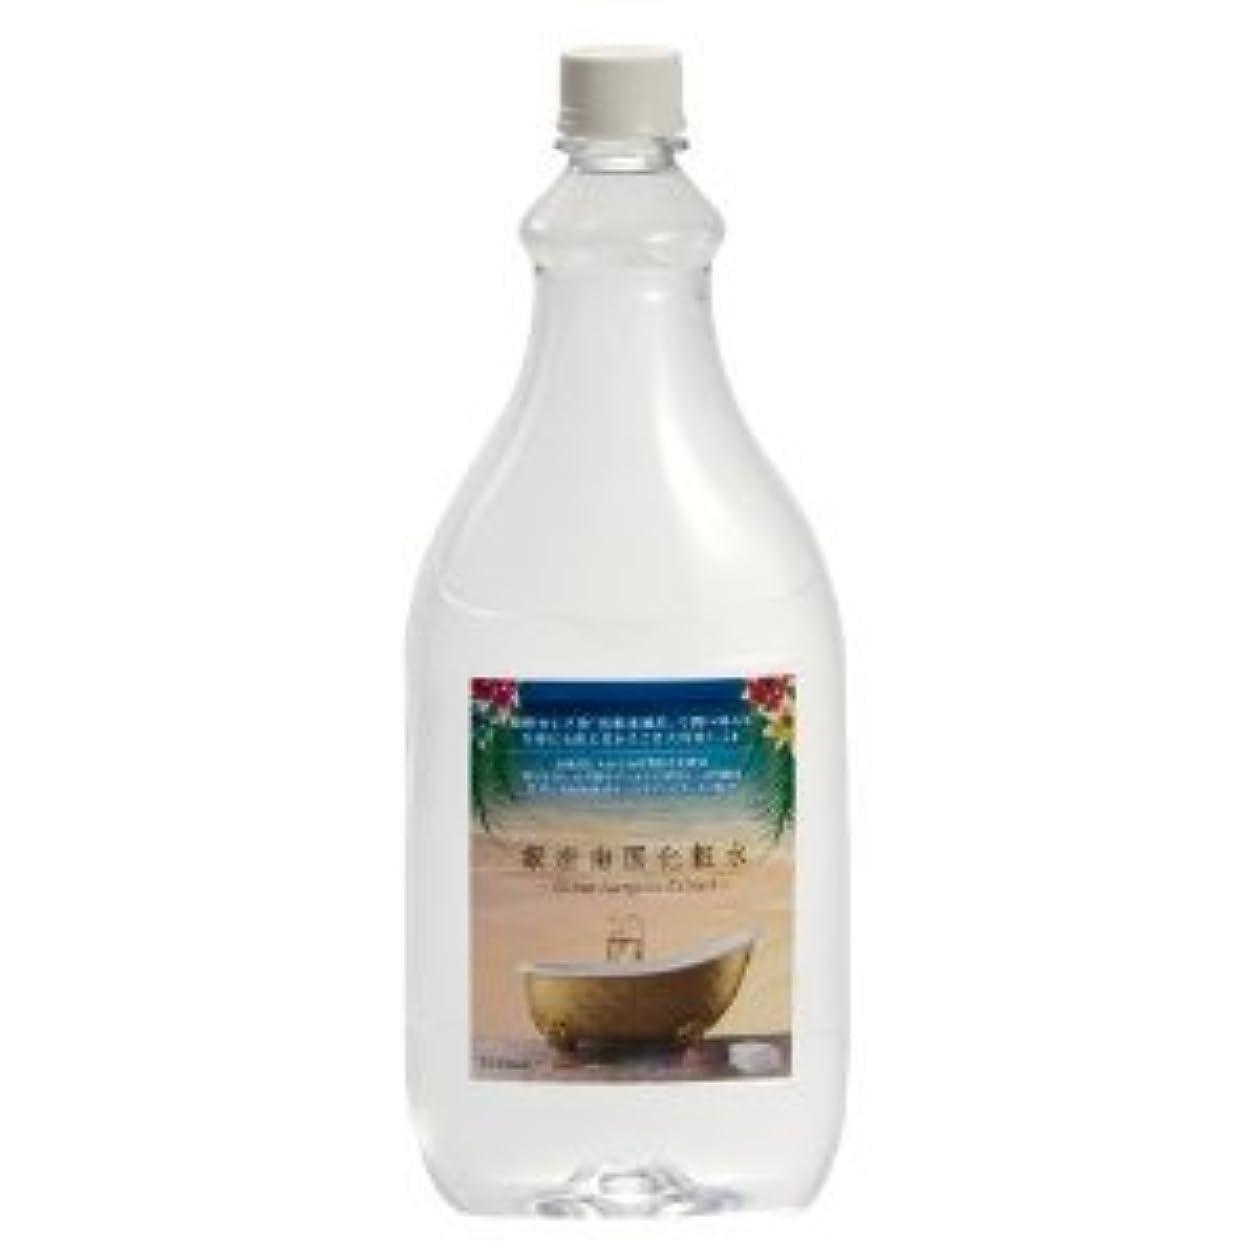 間に合わせスローガンクマノミ銀座南国化粧水 (1000ml) スプレーボトル付きセット